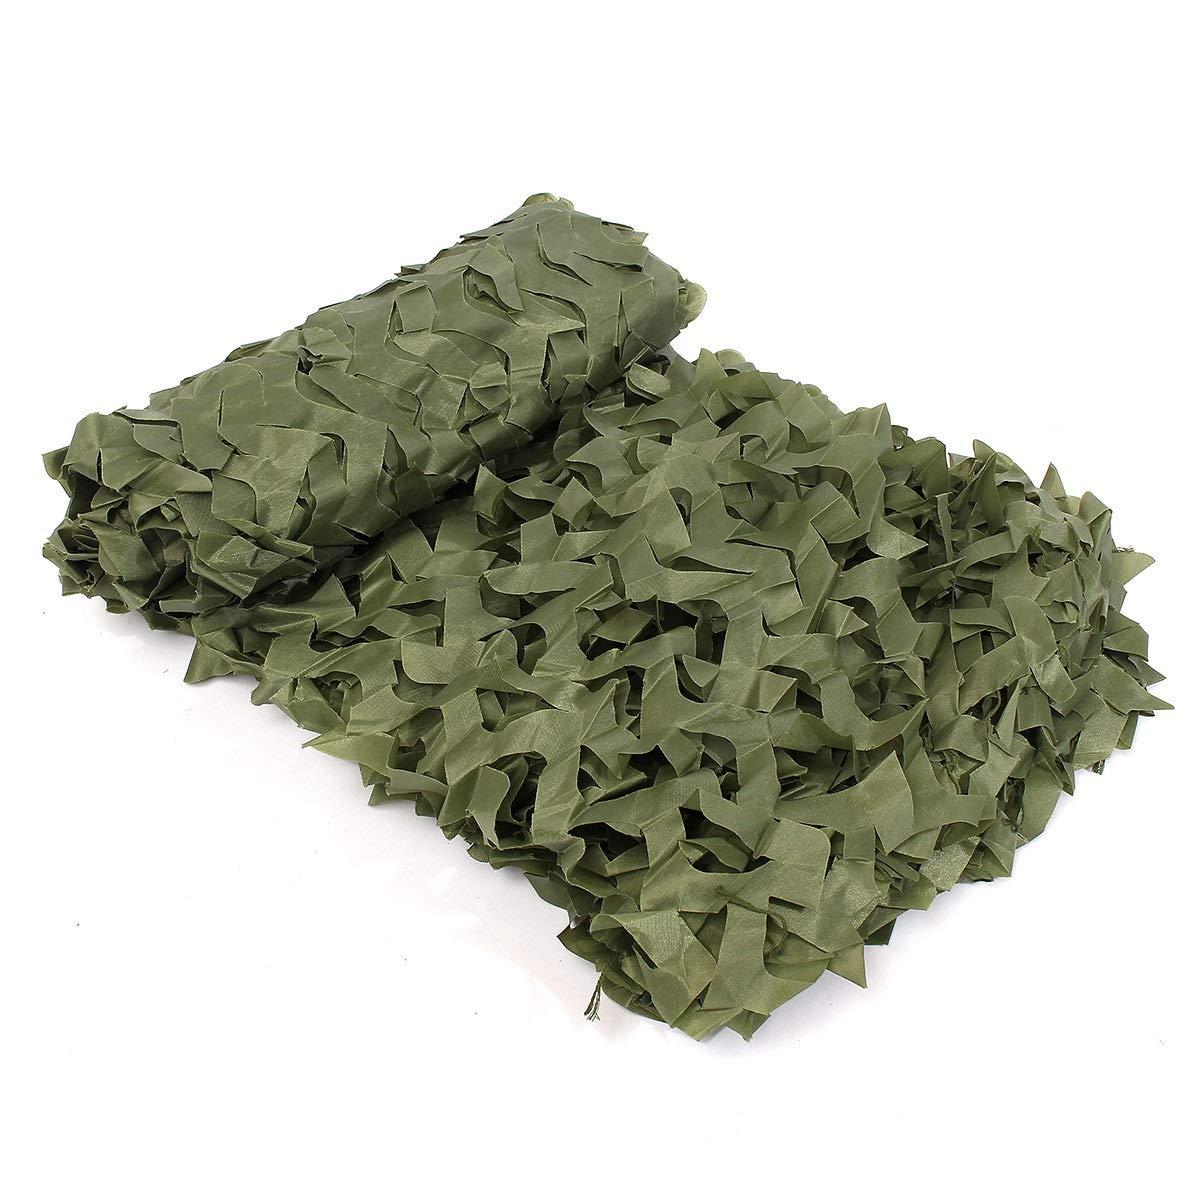 Armée verte 1010M(32.832.8ft) YCYZWZW Filet De Camouflage, pour Camping, Camping, Chasse, Chasse Militaire, Ombre Au Soleil, Fabrication du Filet, Tissu Oxford, Photographie Militaire